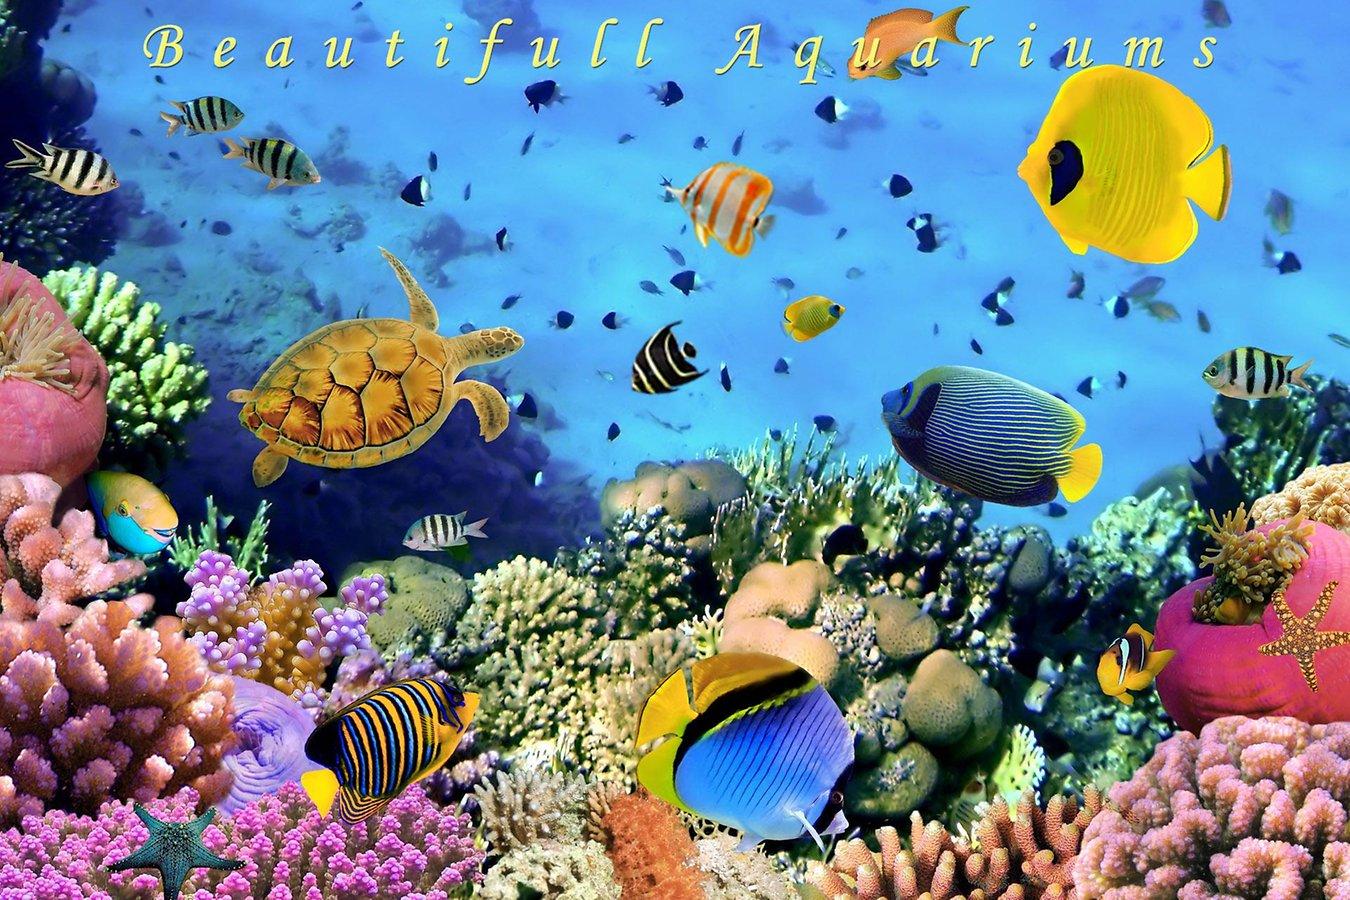 Live fish tank wallpaper wallpapersafari for Live fish online